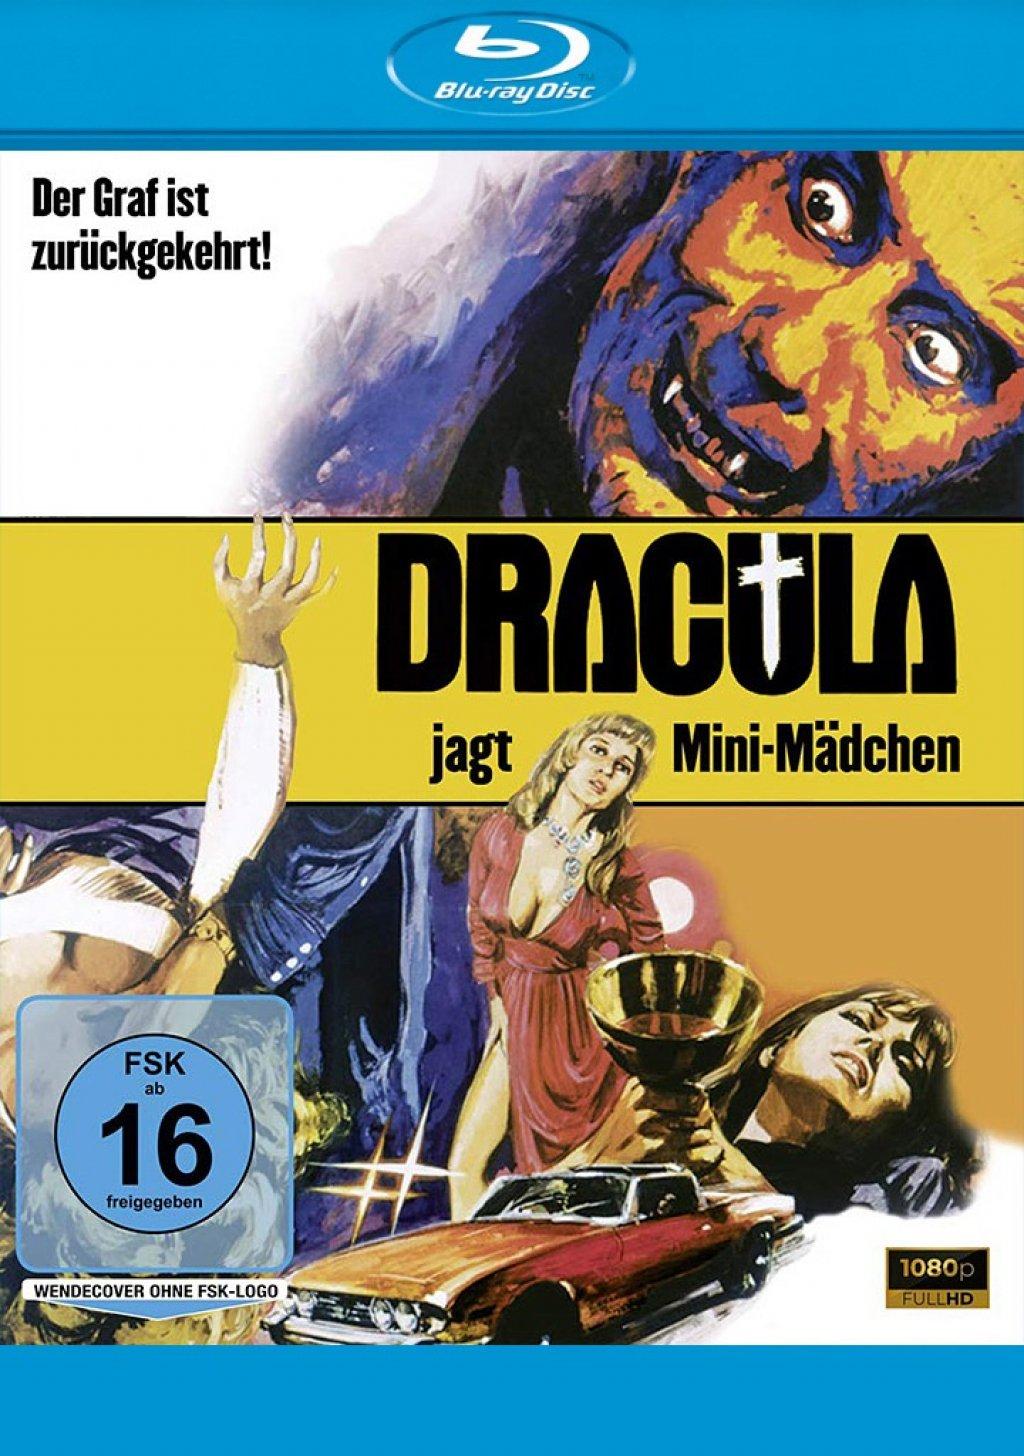 Dracula jagt Mini-Mädchen (Blu-ray)